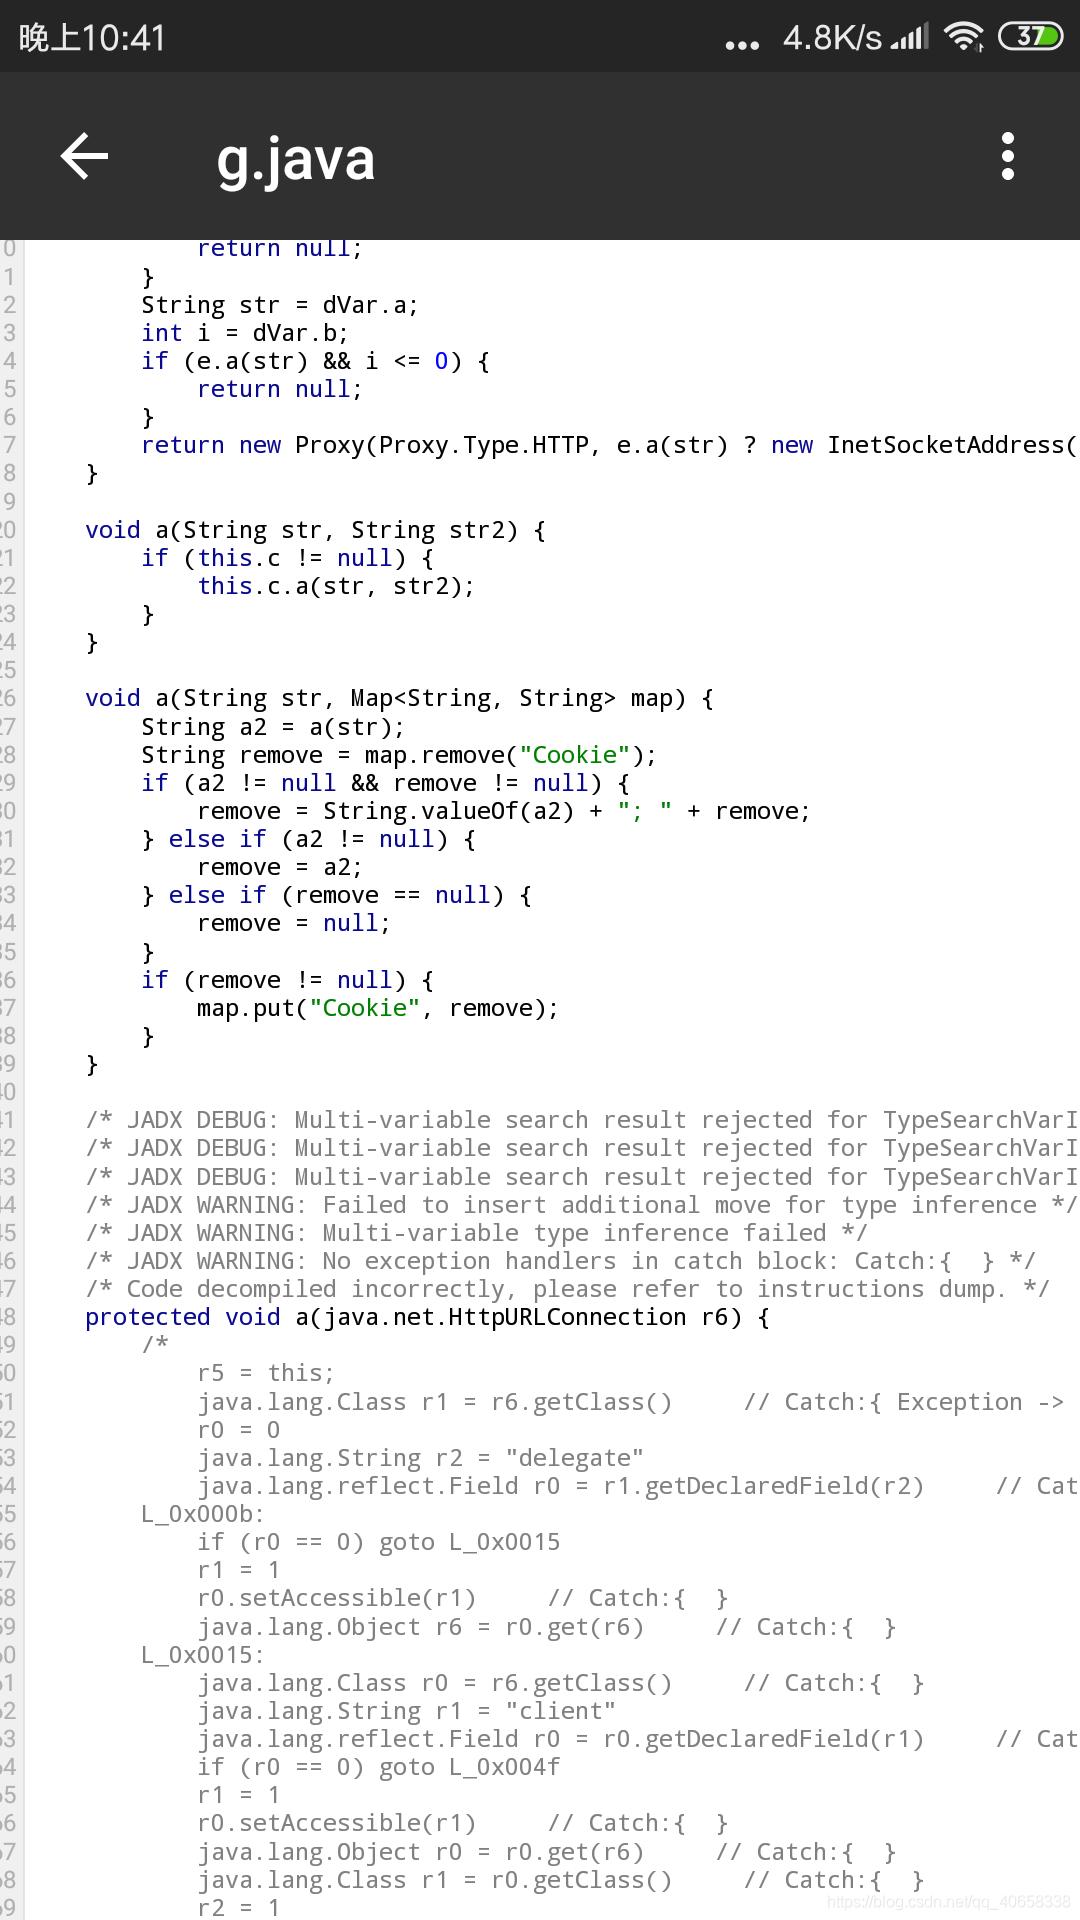 反编译查看修改前的java代码